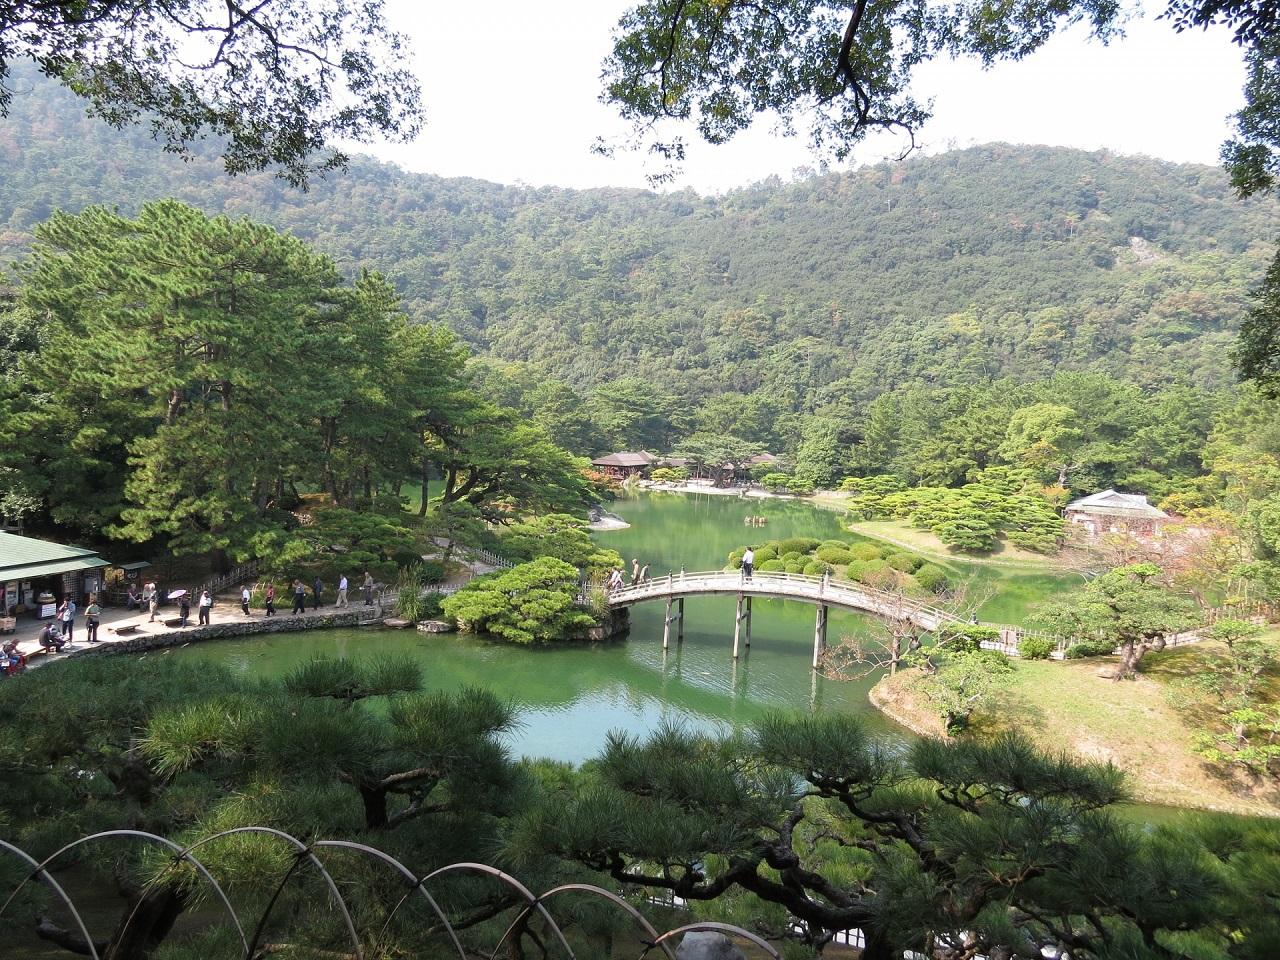 【香川】主要スポットは1泊2日 島に滞在するなら3日間